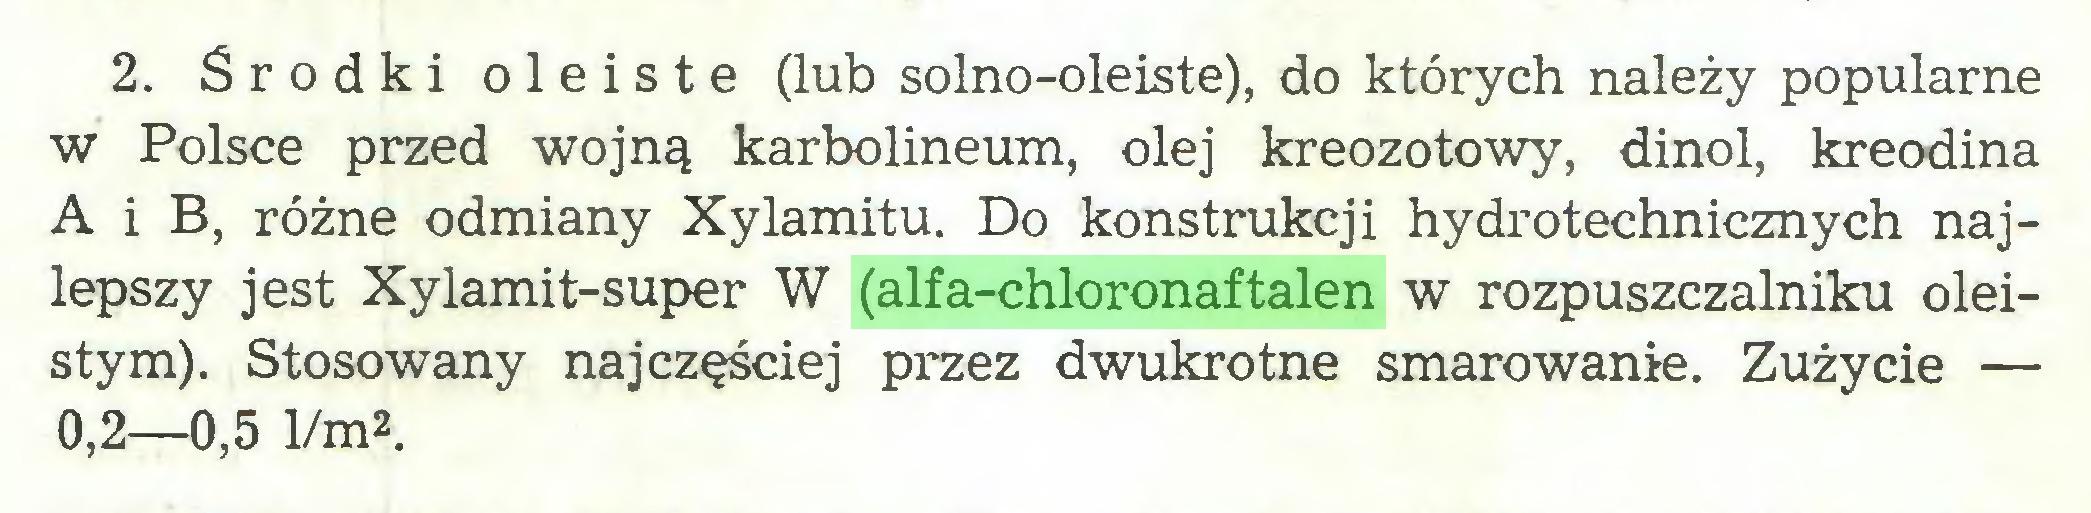 (...) 2. Środki oleiste (lub solno-oleiste), do których należy popularne w Polsce przed wojną karbolineum, olej kreozotowy, dinol, kreodina A i B, różne odmiany Xylamitu. Do konstrukcji hydrotechnicznych najlepszy jest Xylamit-super W (alfa-chloronaftalen w rozpuszczalniku oleistym). Stosowany najczęściej przez dwukrotne smarowanie. Zużycie — 0,2—0,5 1/m2...